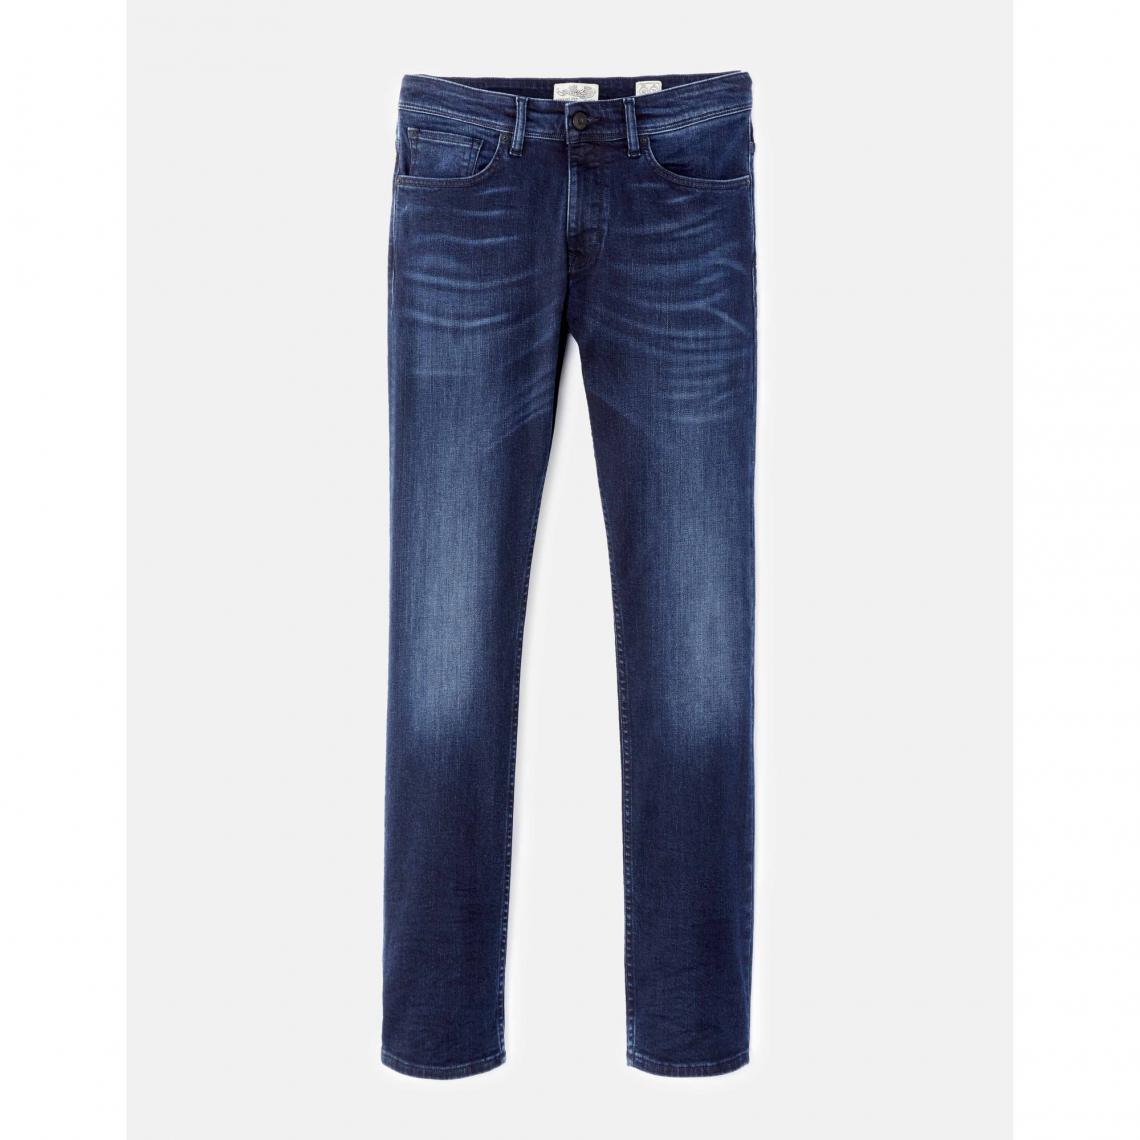 23be4e1d2ba89 Jean 5 Poches homme Celio - Bleu Indigo   3 SUISSES